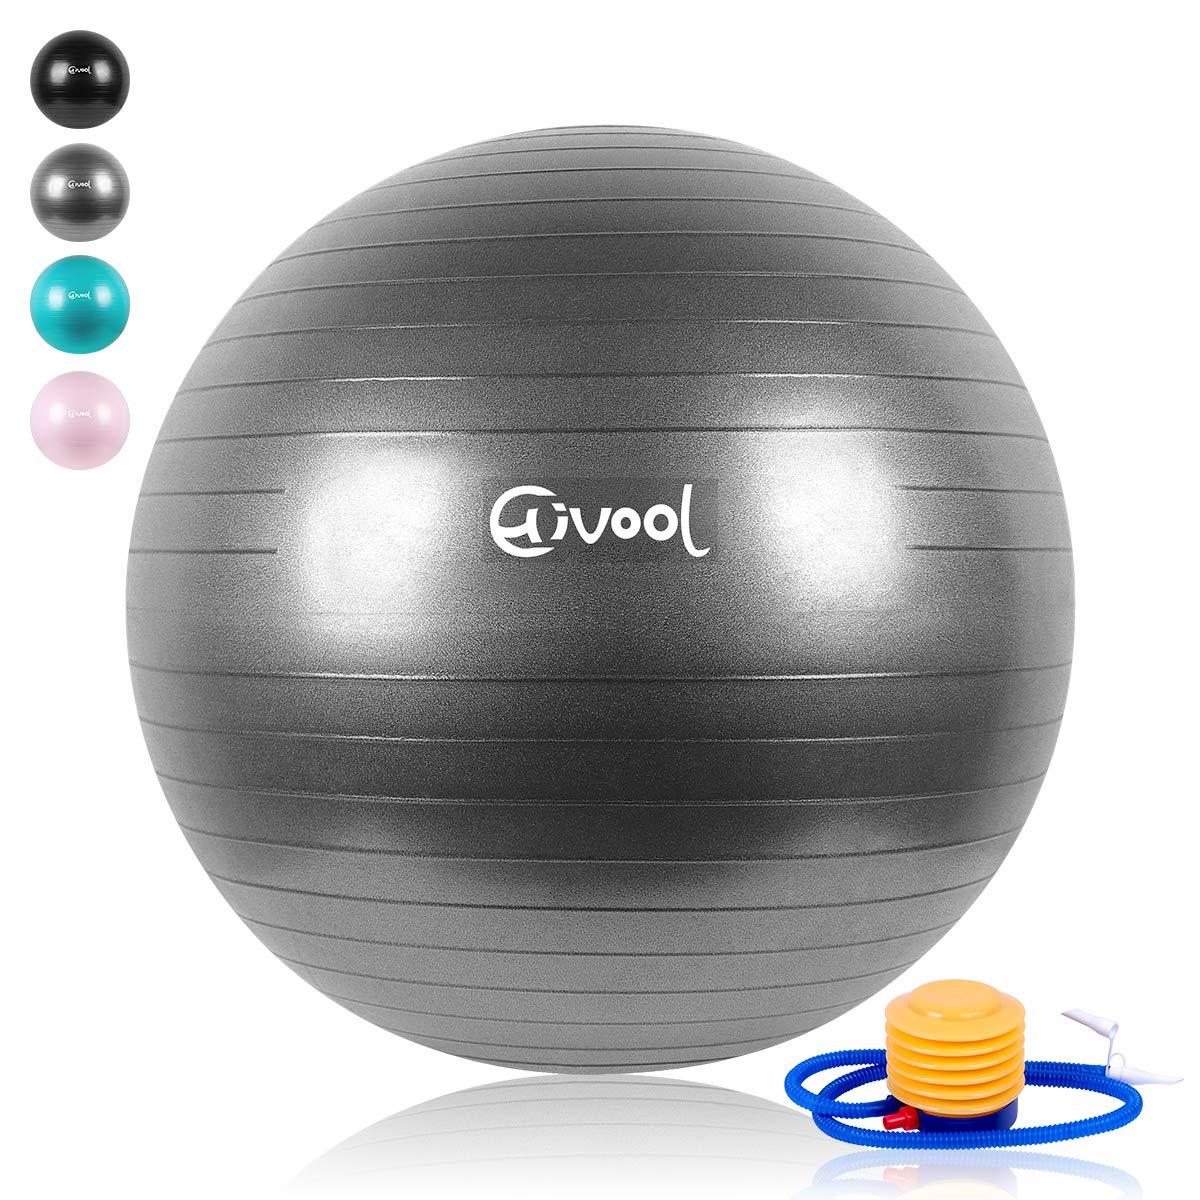 syoga,Bola Natal y Bomba r/ápida 55-85 cm Hivool Pelota de Ejercicio para Fitness